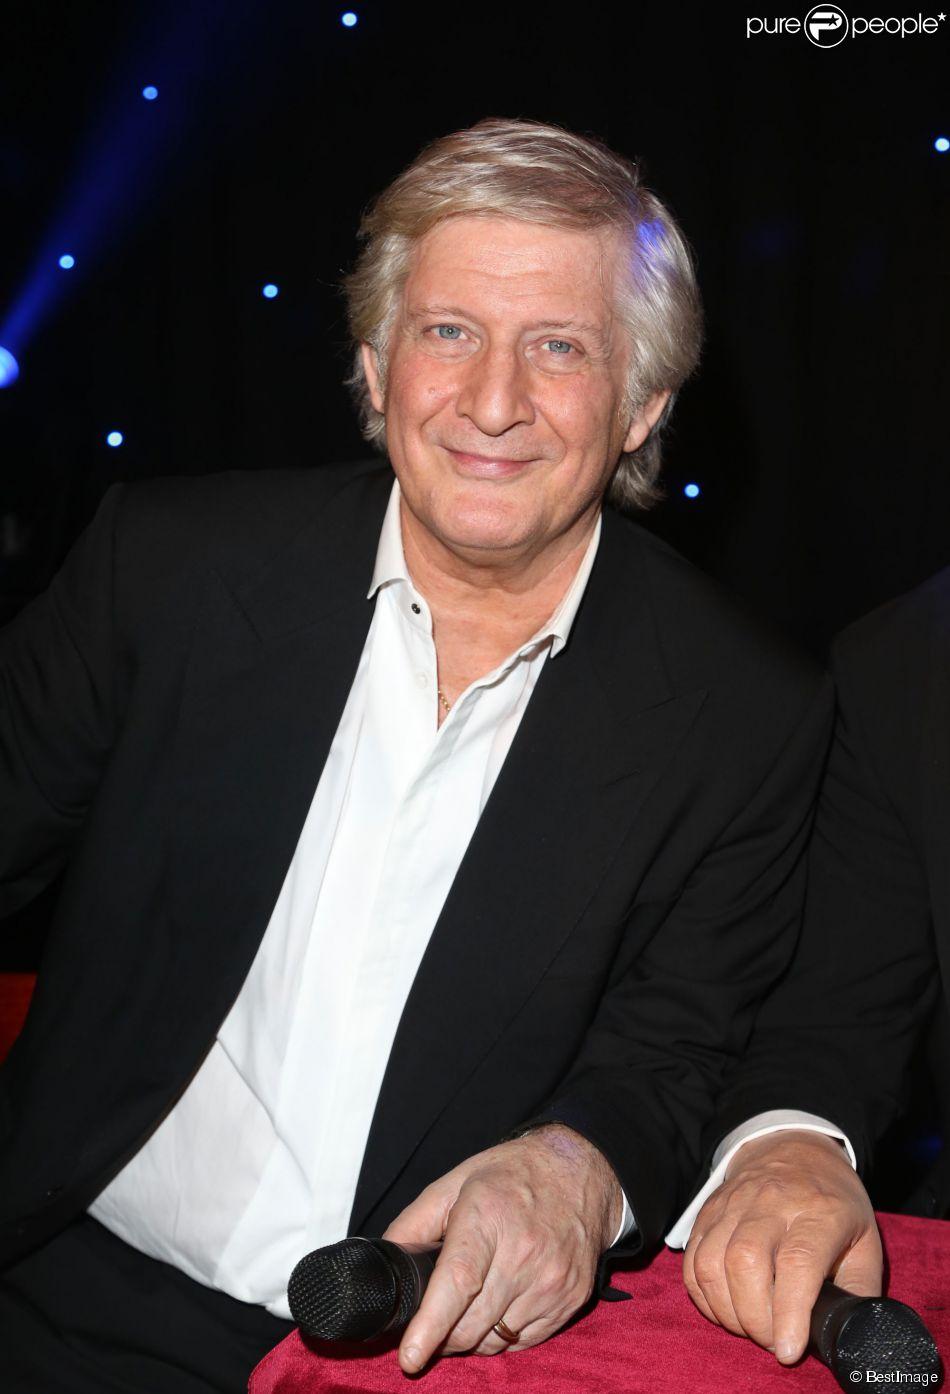 Patrick Sébastien inaugure son double de cire au Musée Grévin à Paris, le 29 janvier 2014.